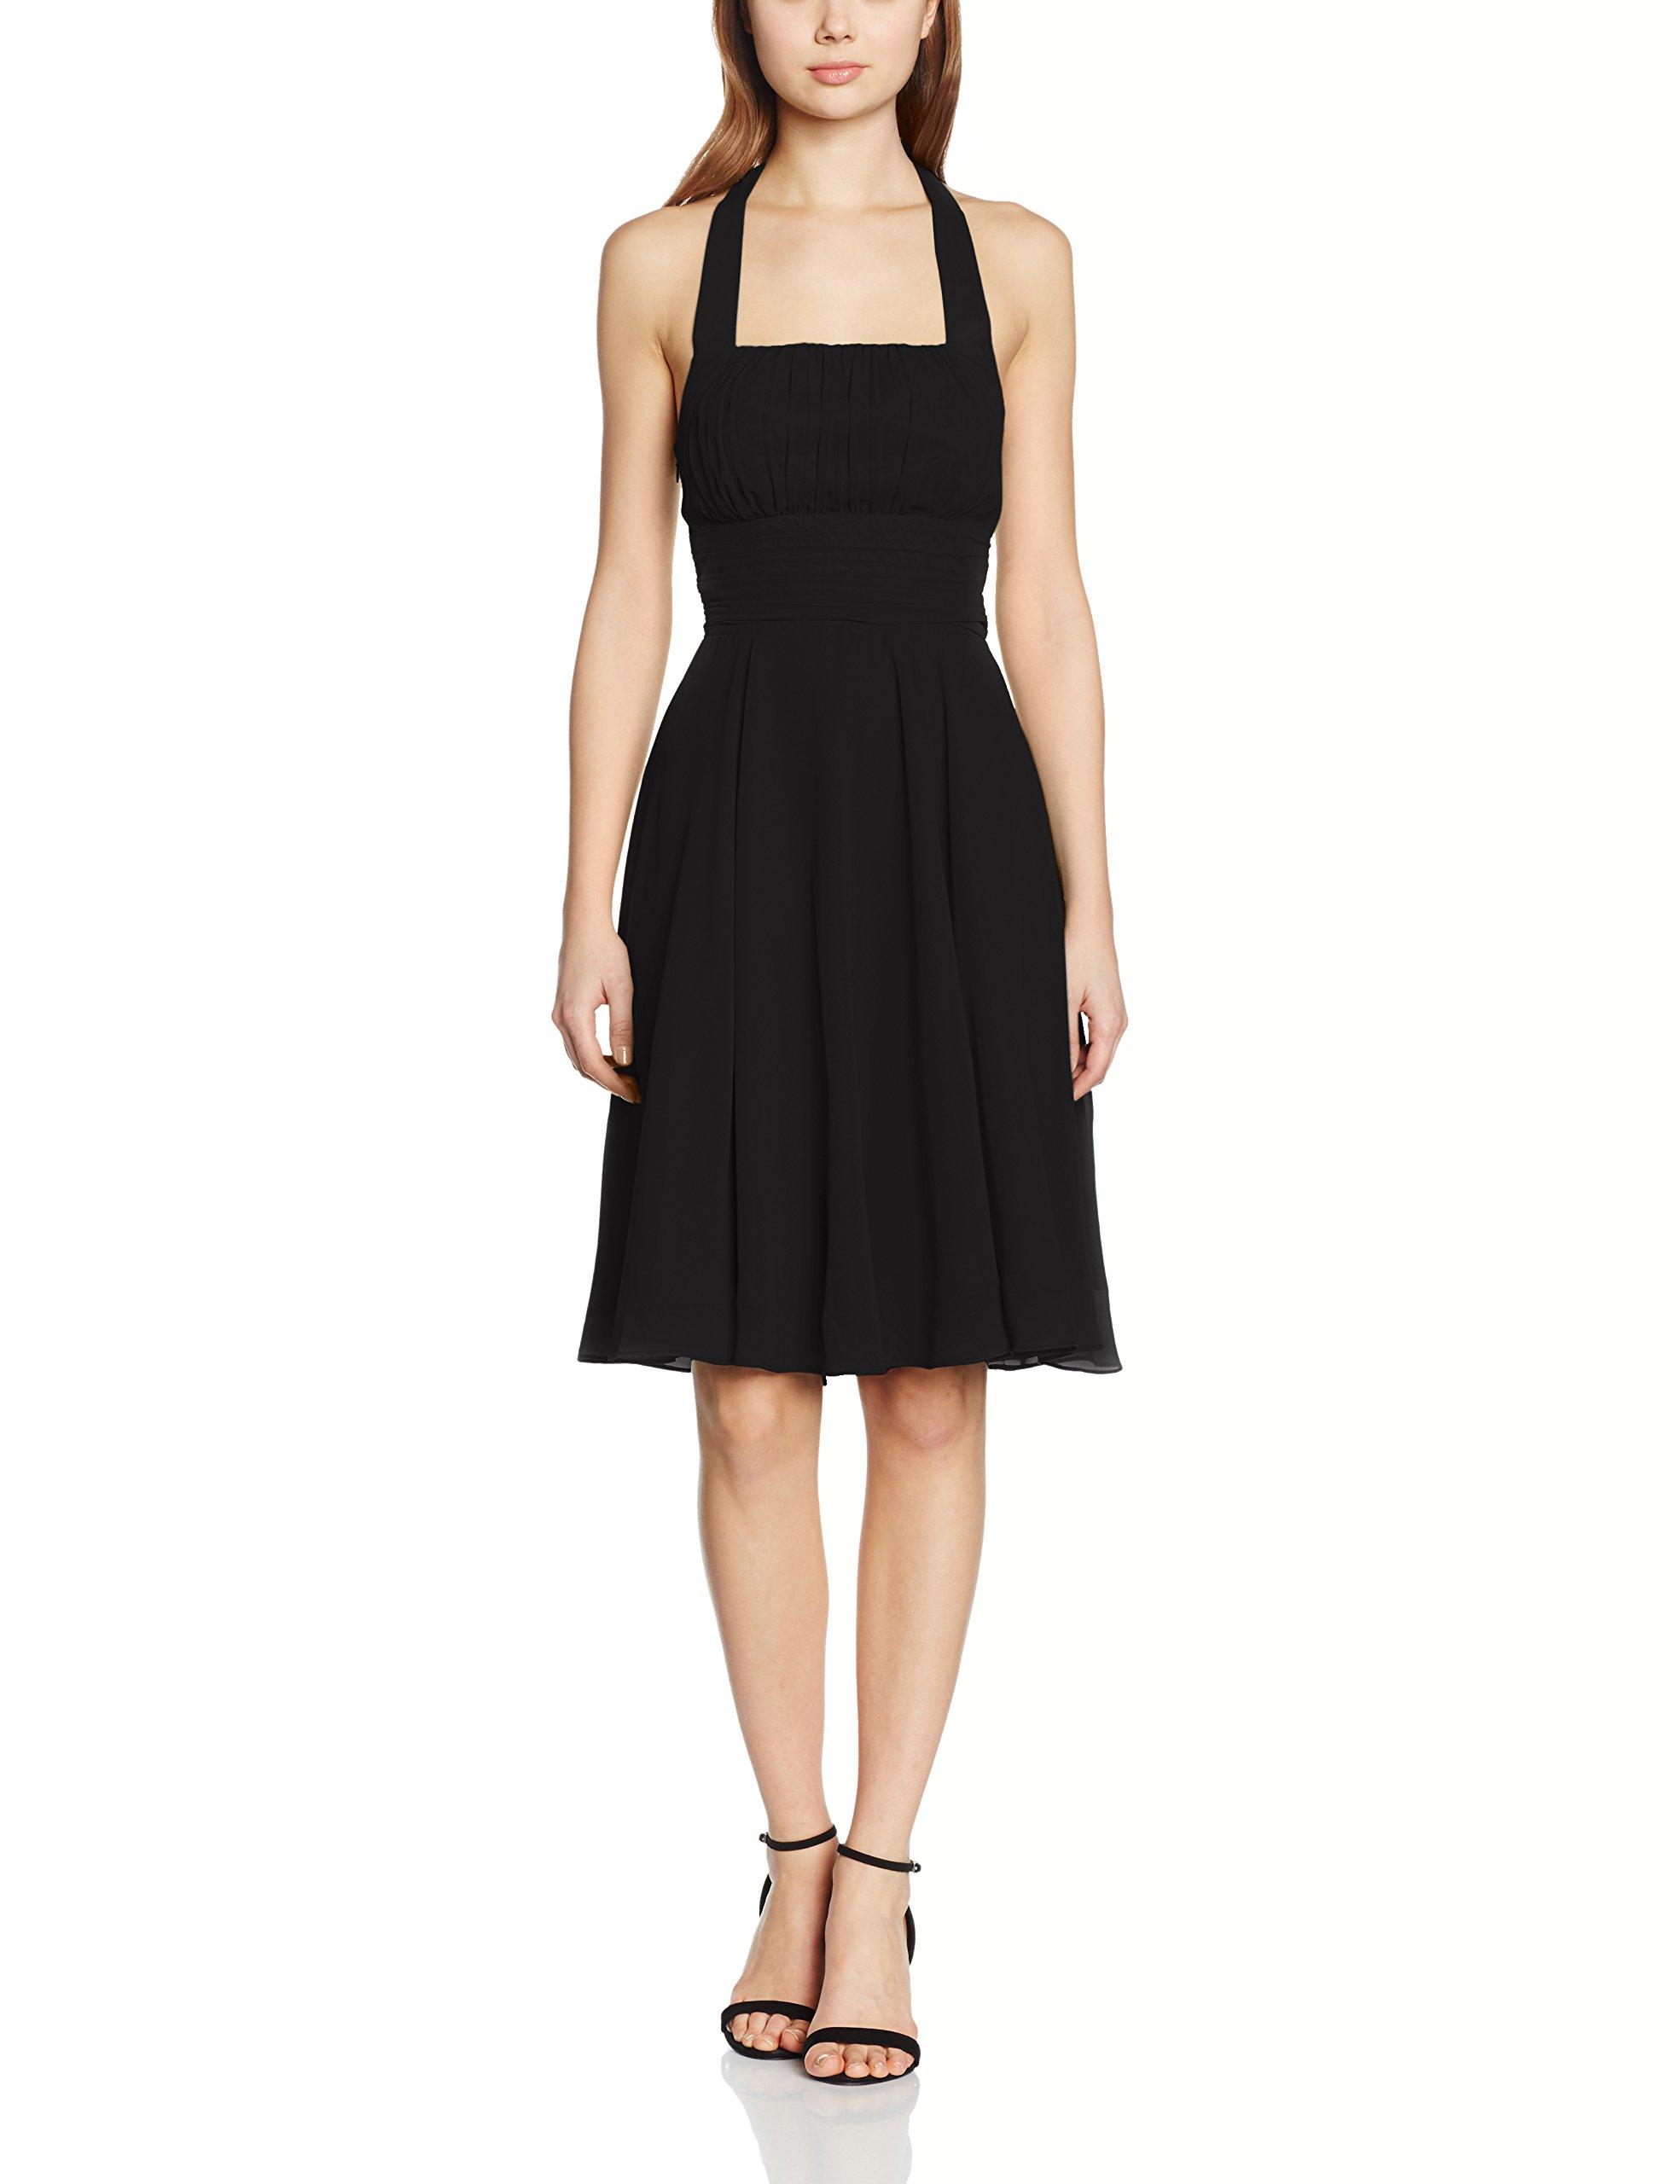 36Femme Btaille Samantha De Evening Robes Fête Du Dress soiréeblack My Fabricant LR5j3A4q